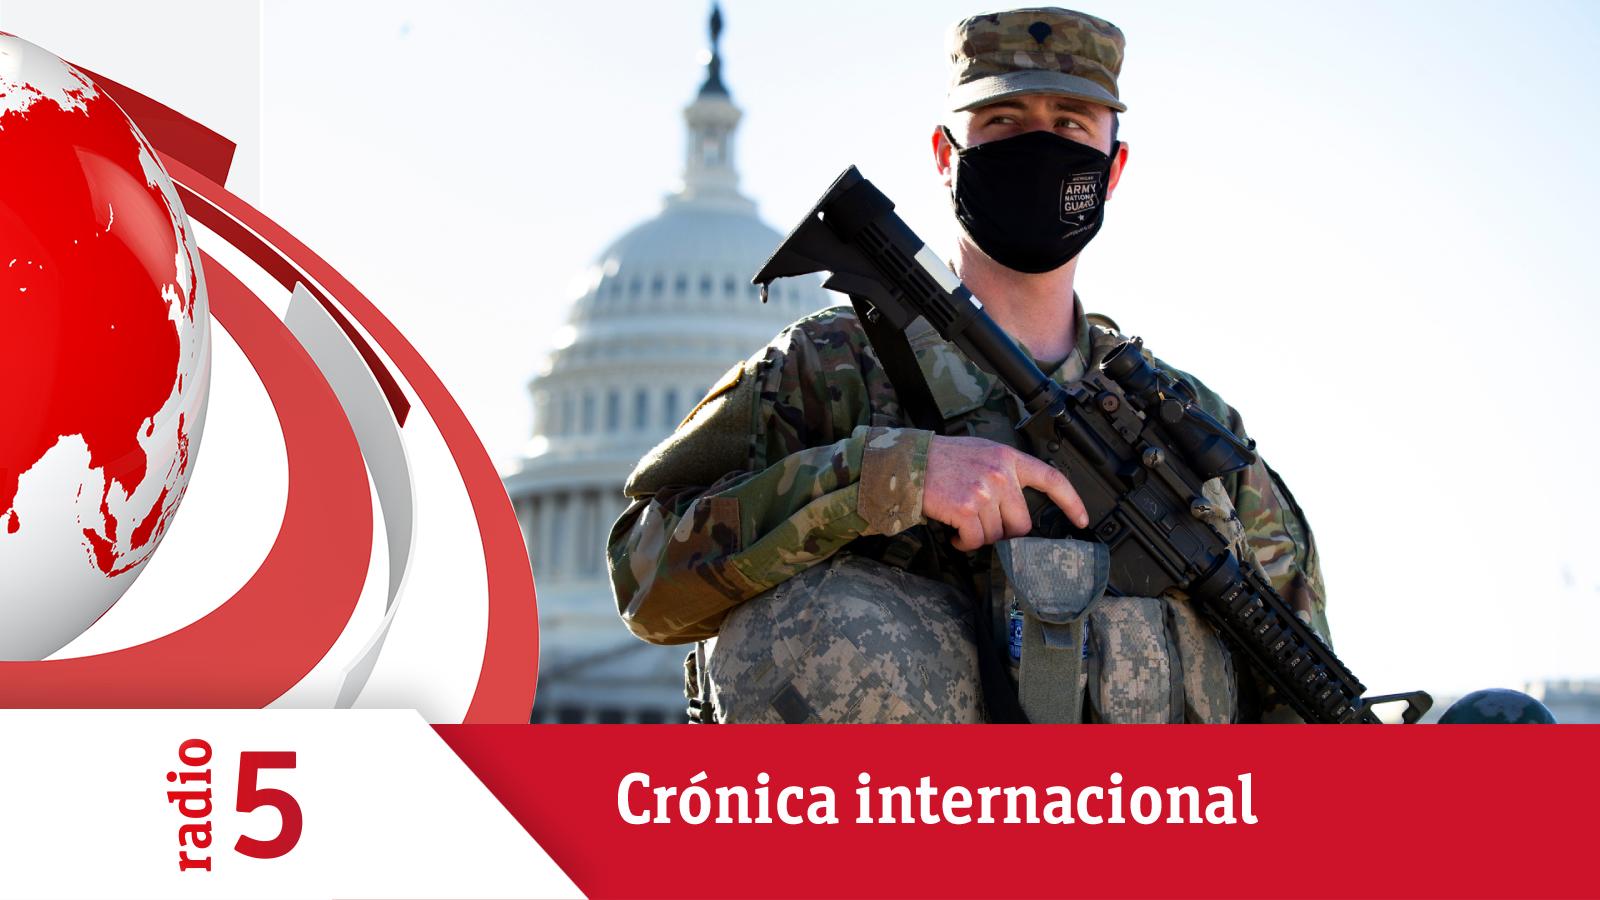 Crónica Internacional - El Congreso de EEUU, cerrado por otro potencial asalto al Capitolio - Escuchar ahora